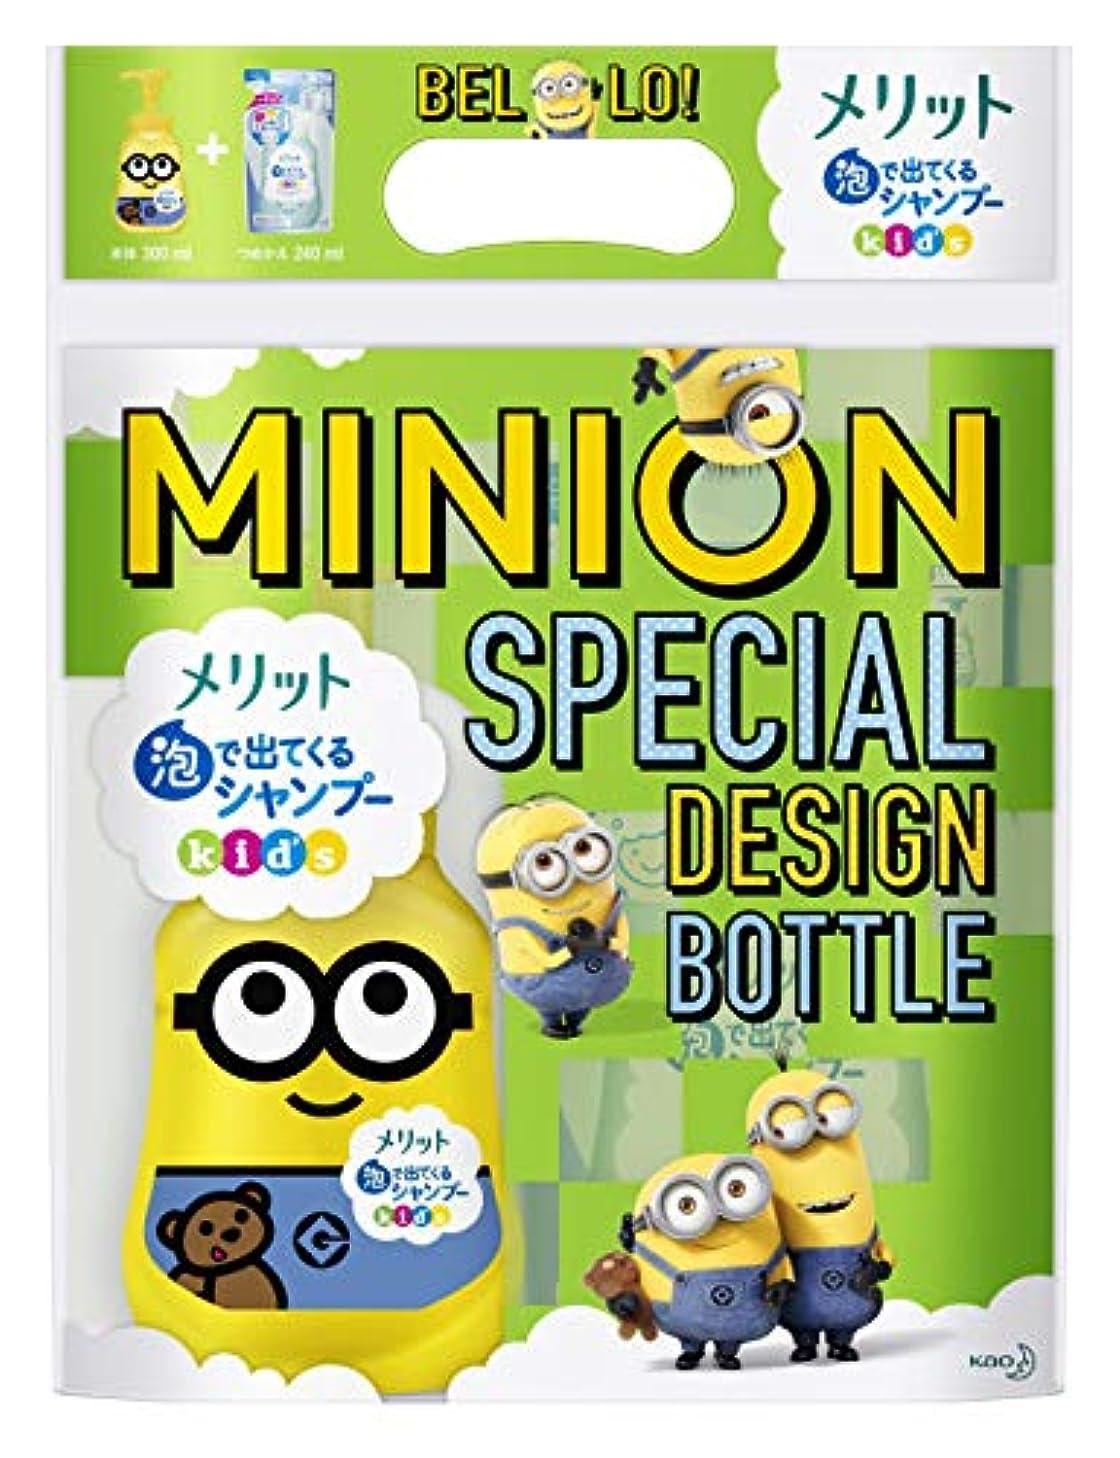 スコットランド人銛不条理メリット 泡で出てくるシャンプー キッズ ミニオン スペシャルデザインボトル [ Minion Special Design Bottle ] + つめかえ用セット (デザインボトル300ml+つめかえ用240ml)